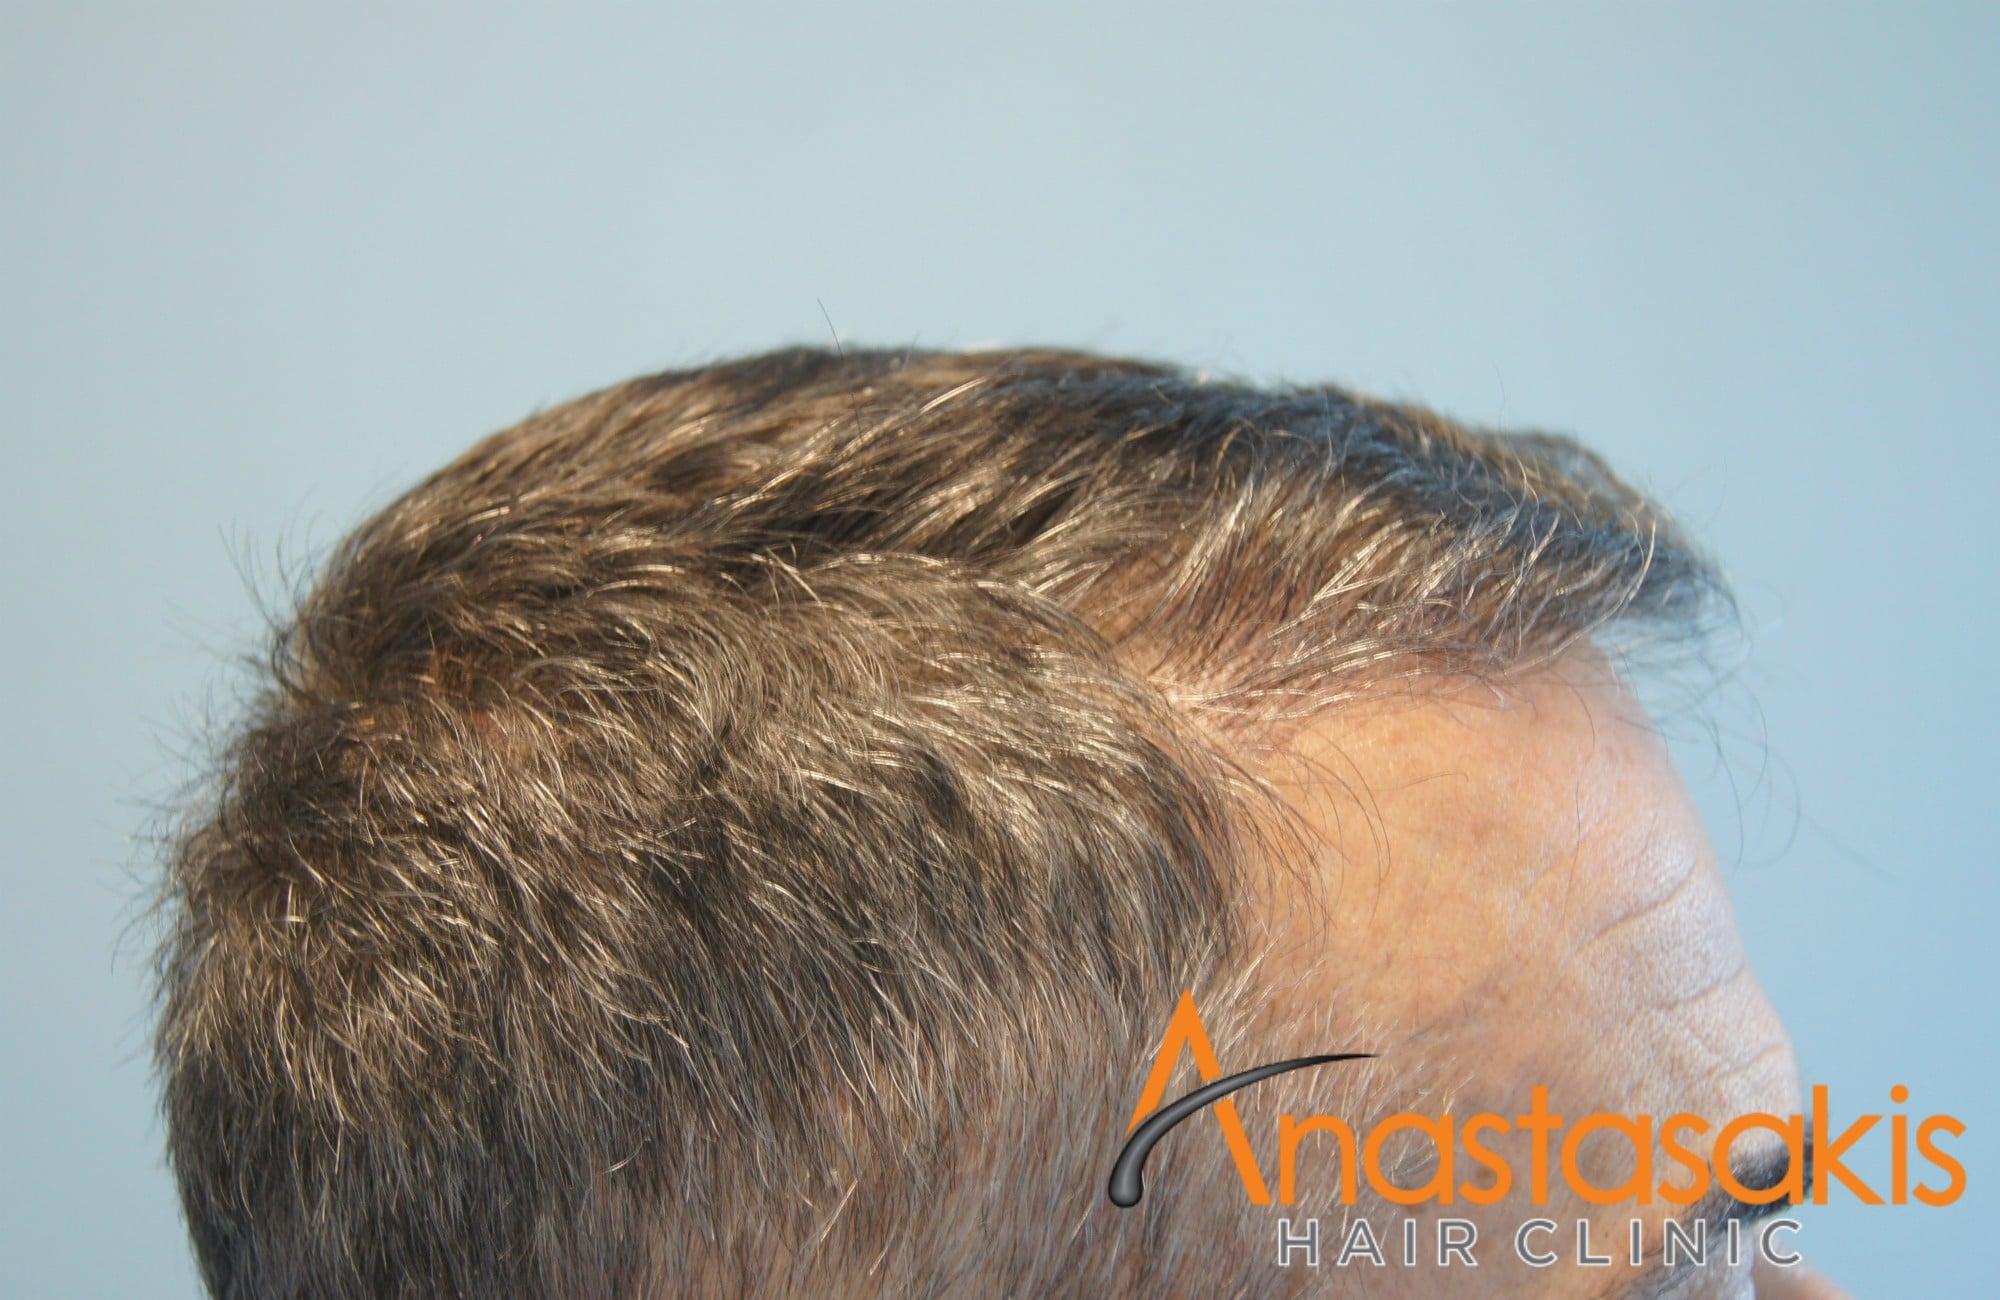 δεξί προφιλ ασθενούς μετα τη μεταμοσχευση μαλλιων με 2153 fus